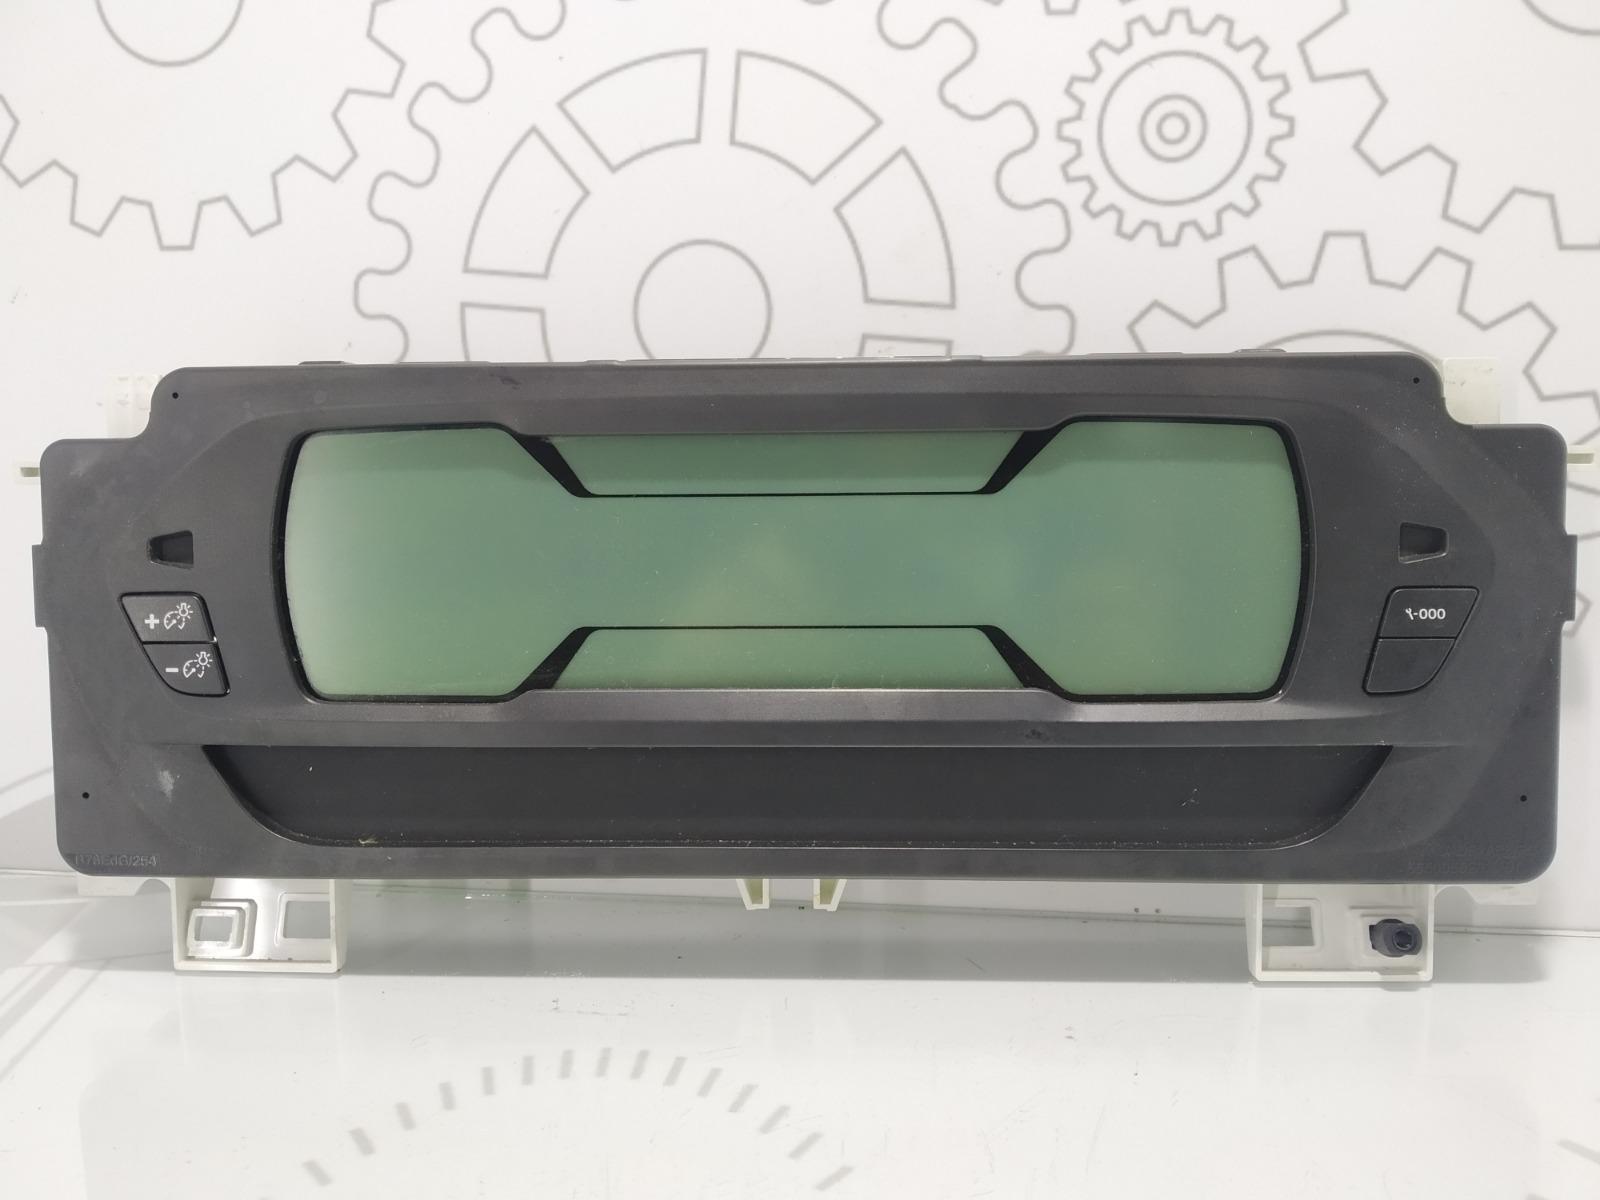 Щиток приборов (приборная панель) Citroen C4 Grand Picasso 1.6 HDI 2014 (б/у)